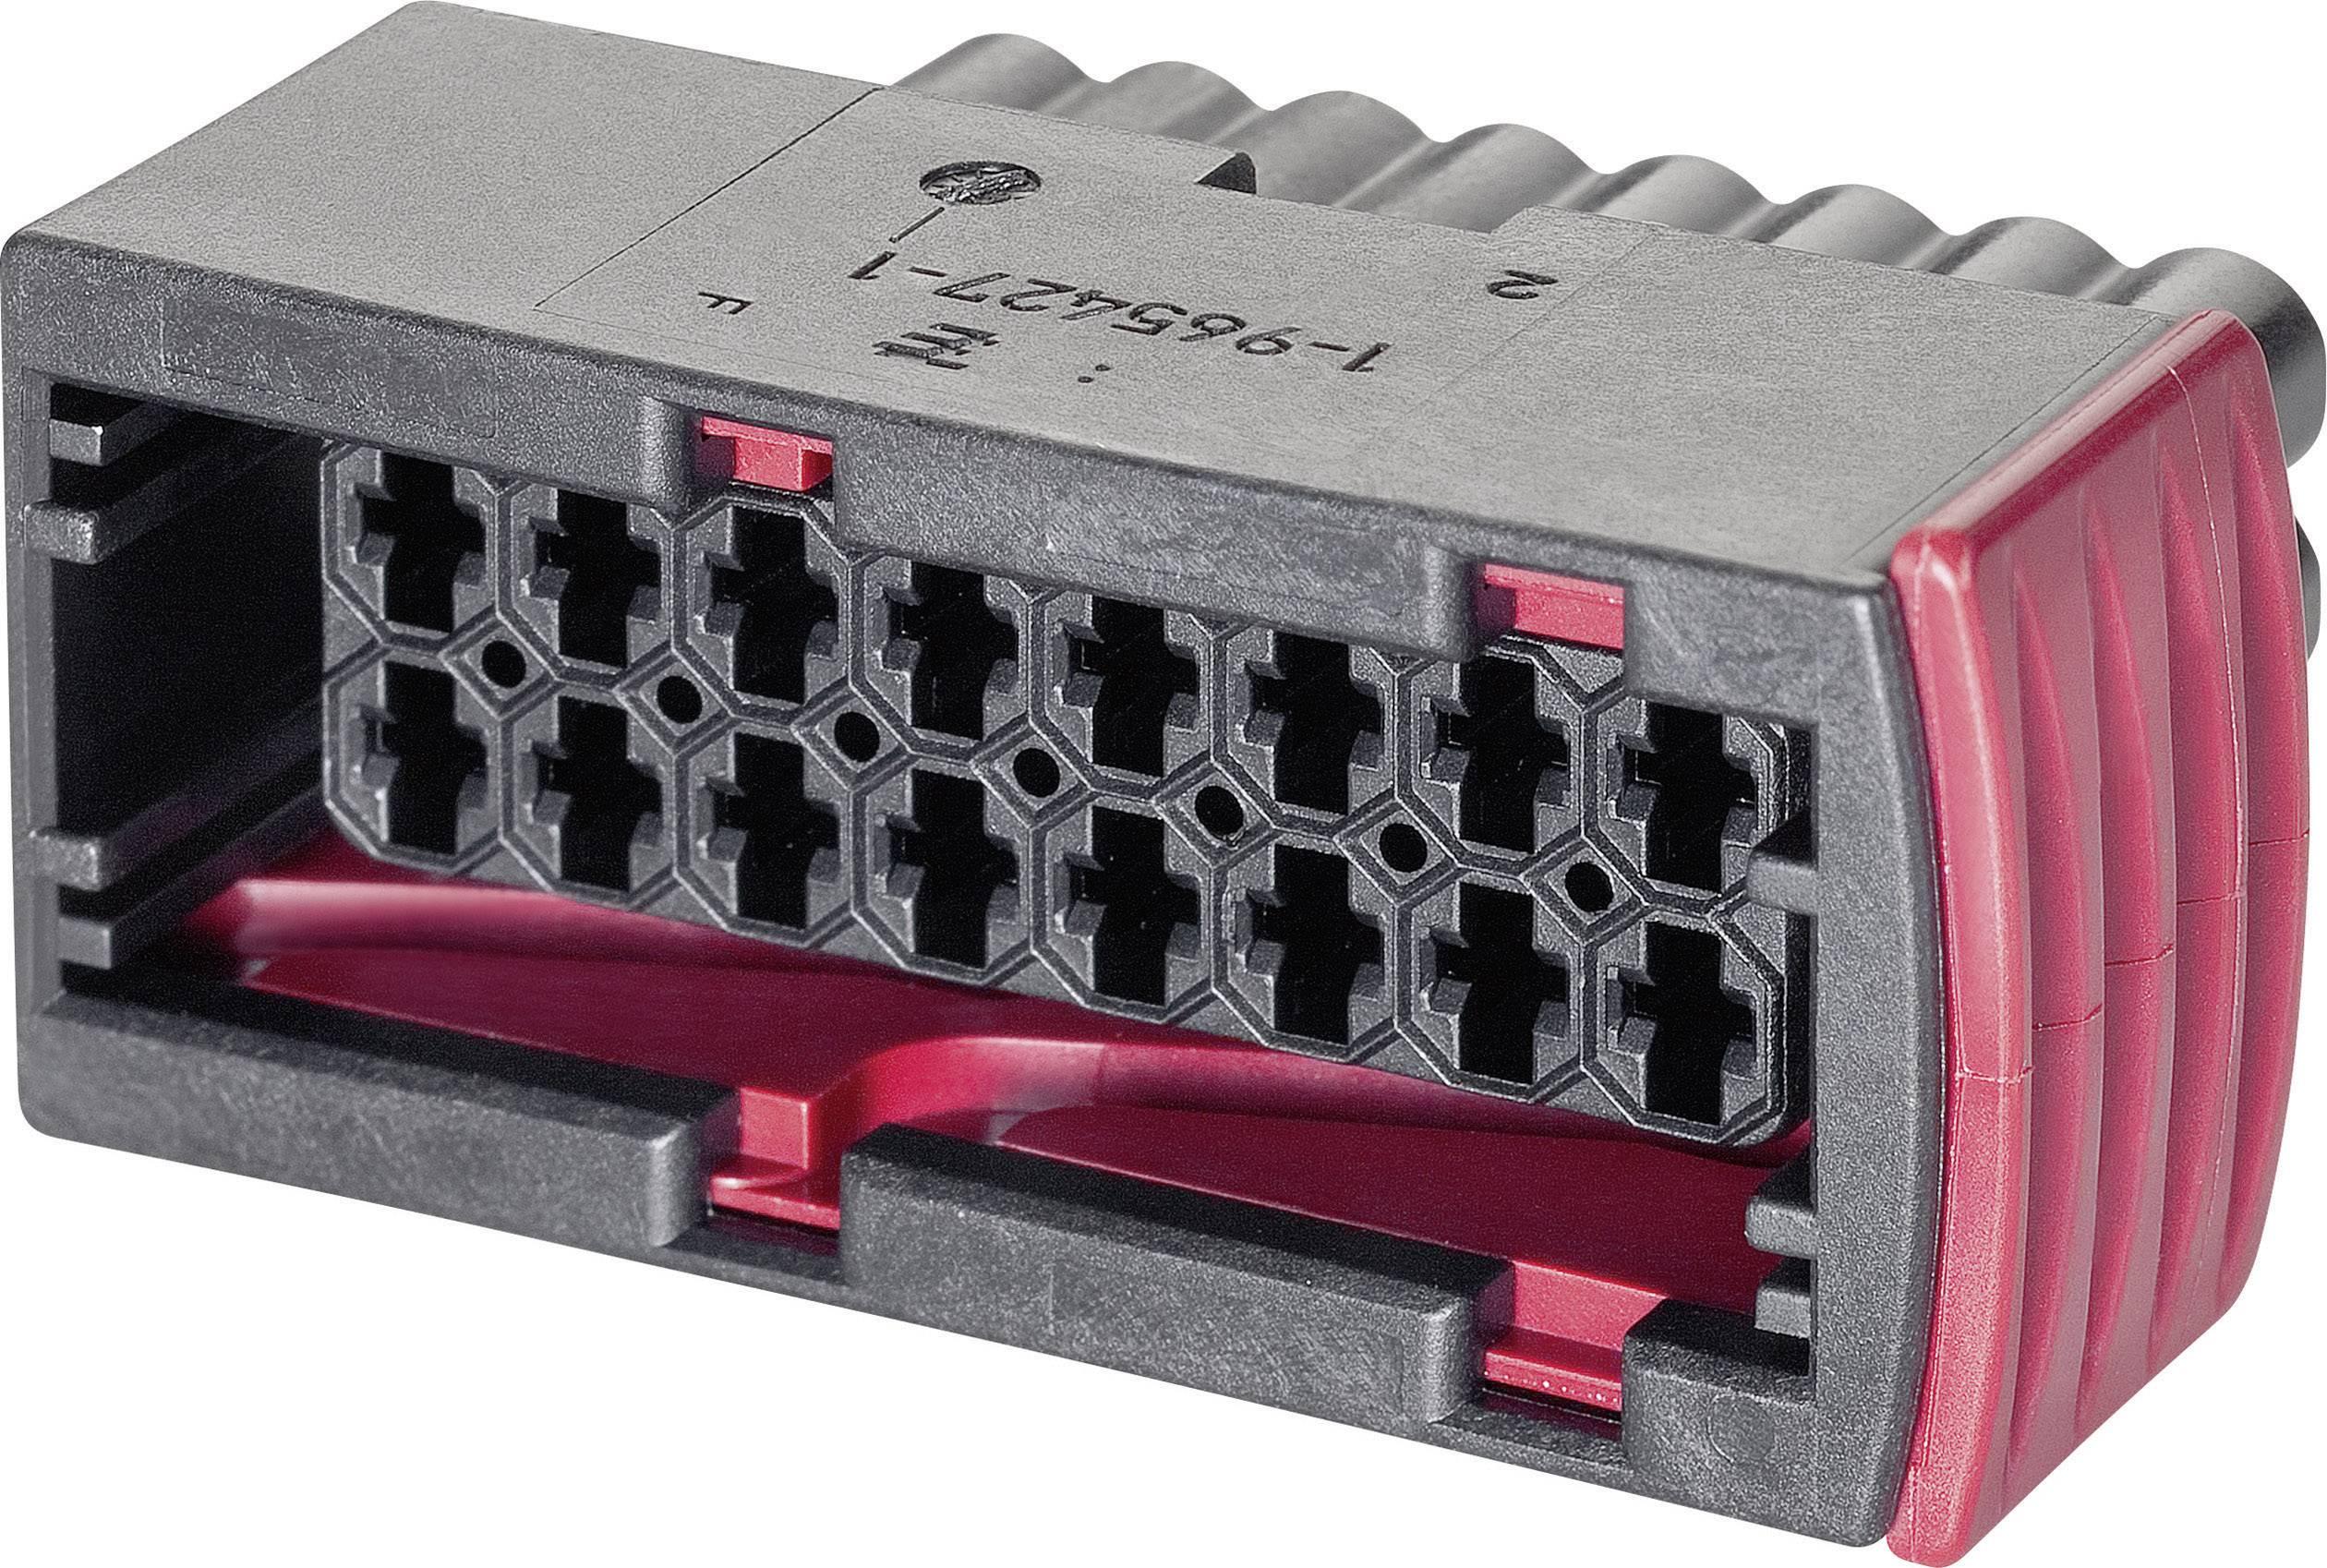 Pouzdro TE Connectivity J-P-T (1-967242-1), zásuvka rovná, černé